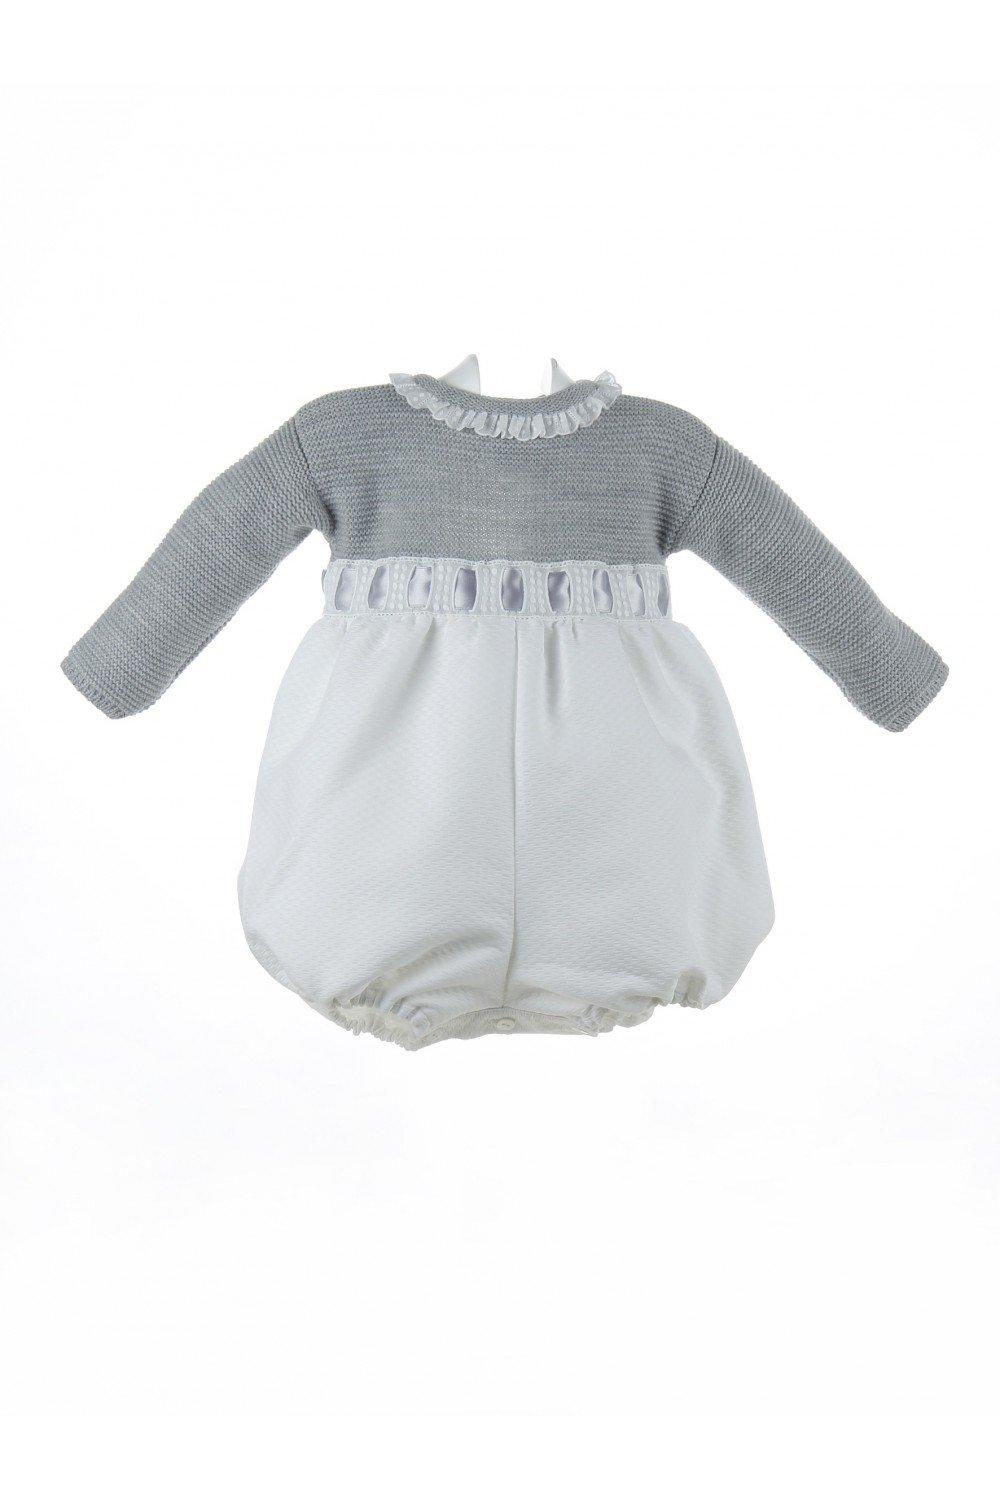 Isabel Maria - Ranita para bebé de lana y piqué - 3 meses, Cuerpo gris y blanco: Amazon.es: Hogar